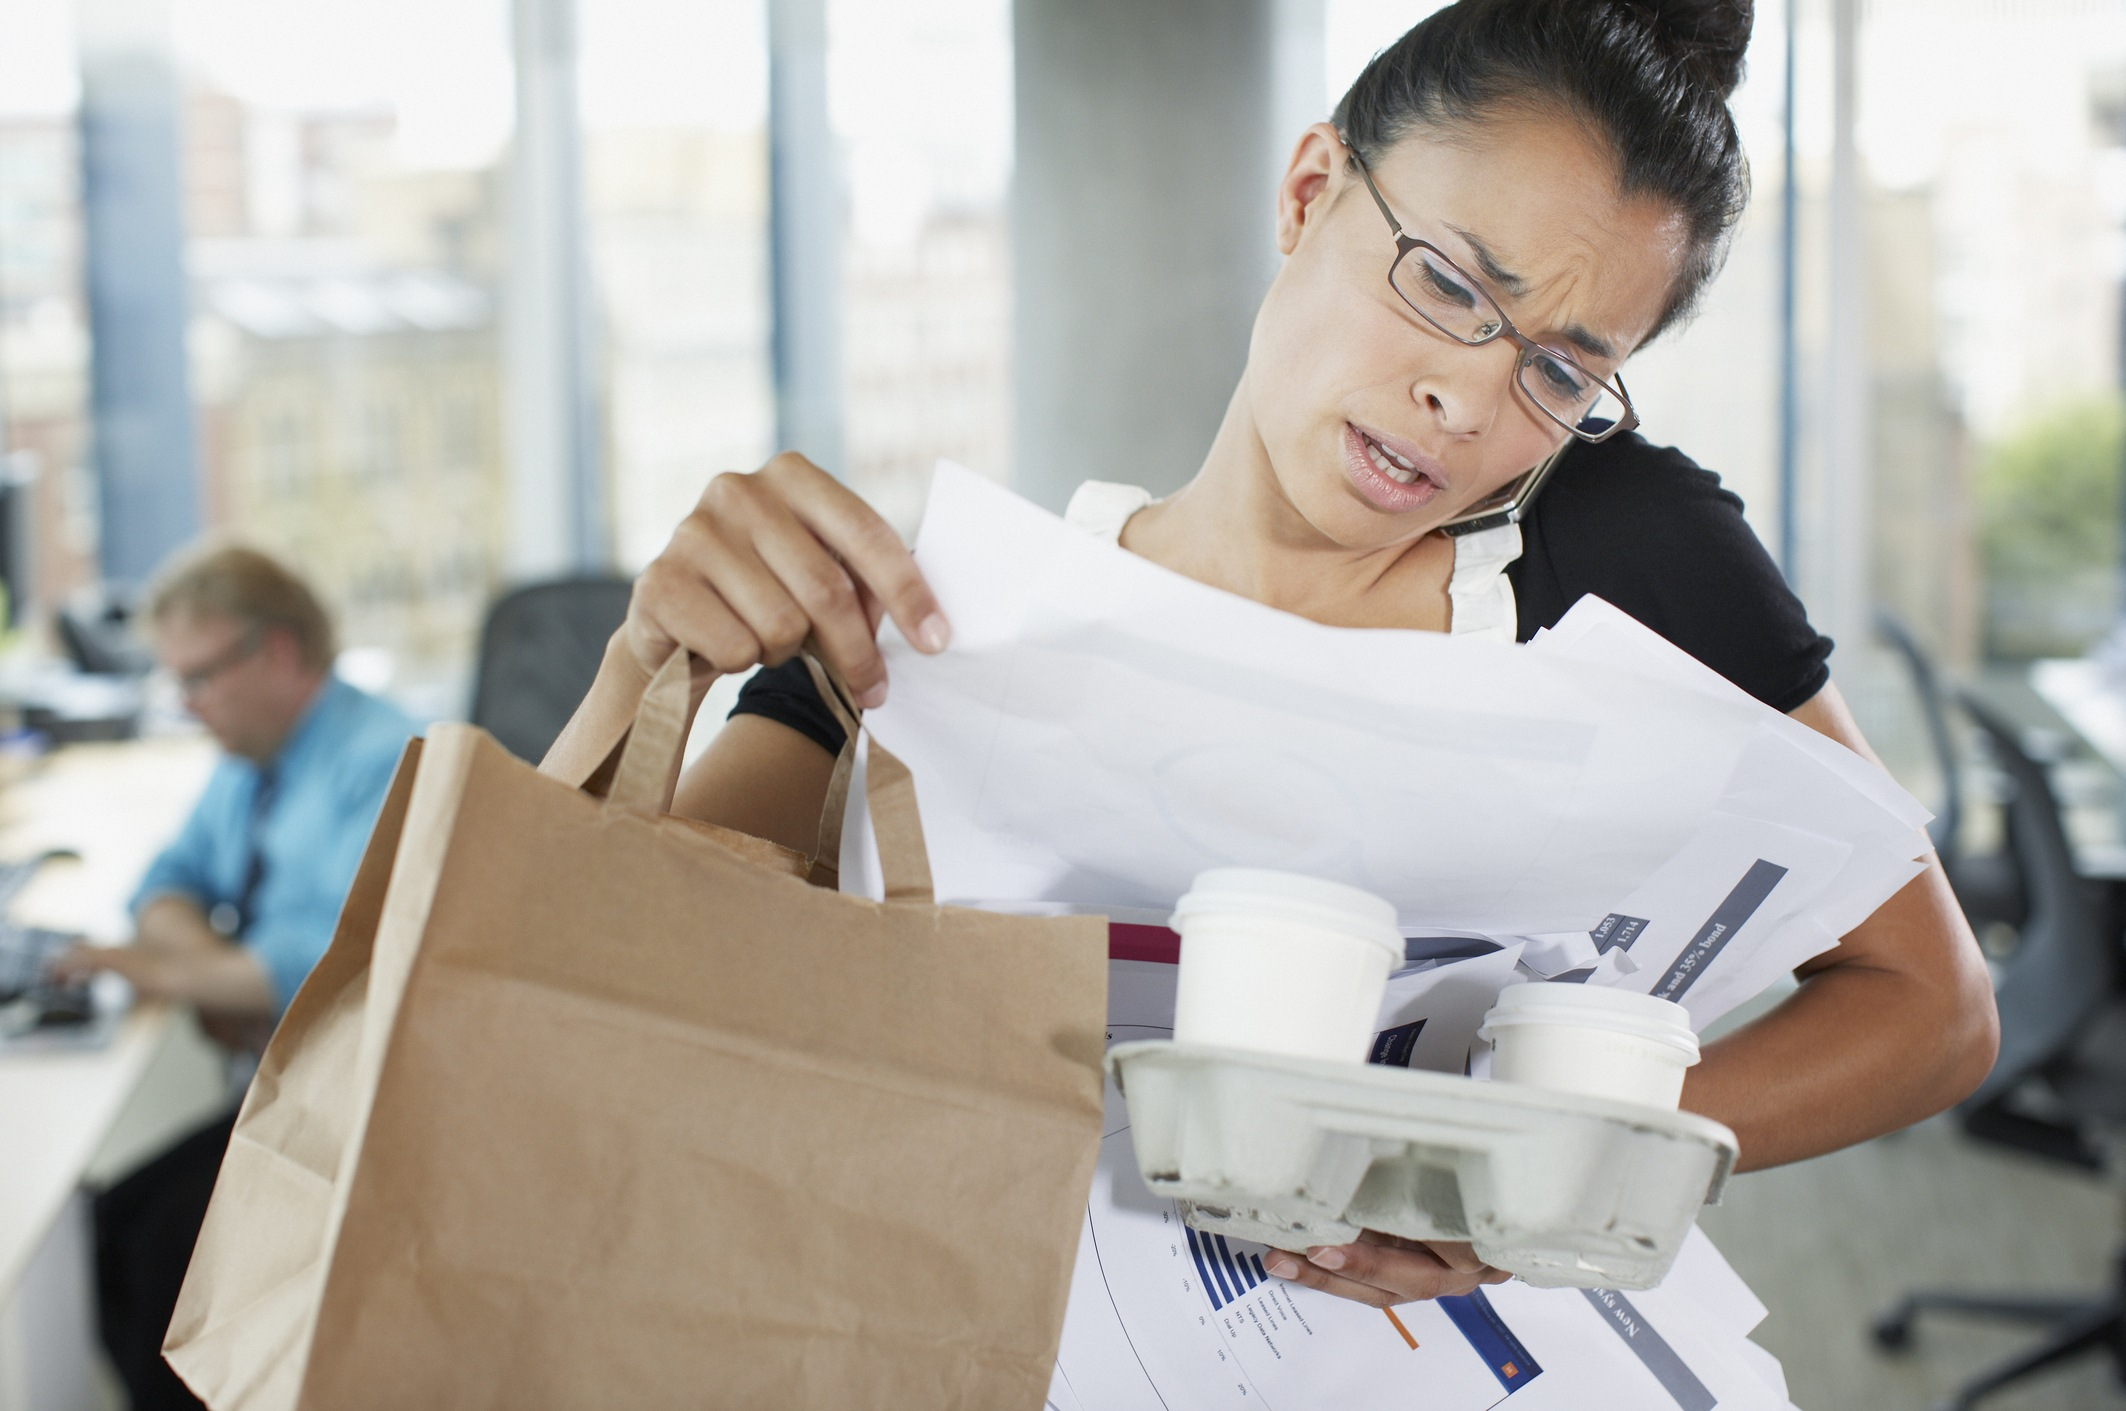 Multitasking business woman